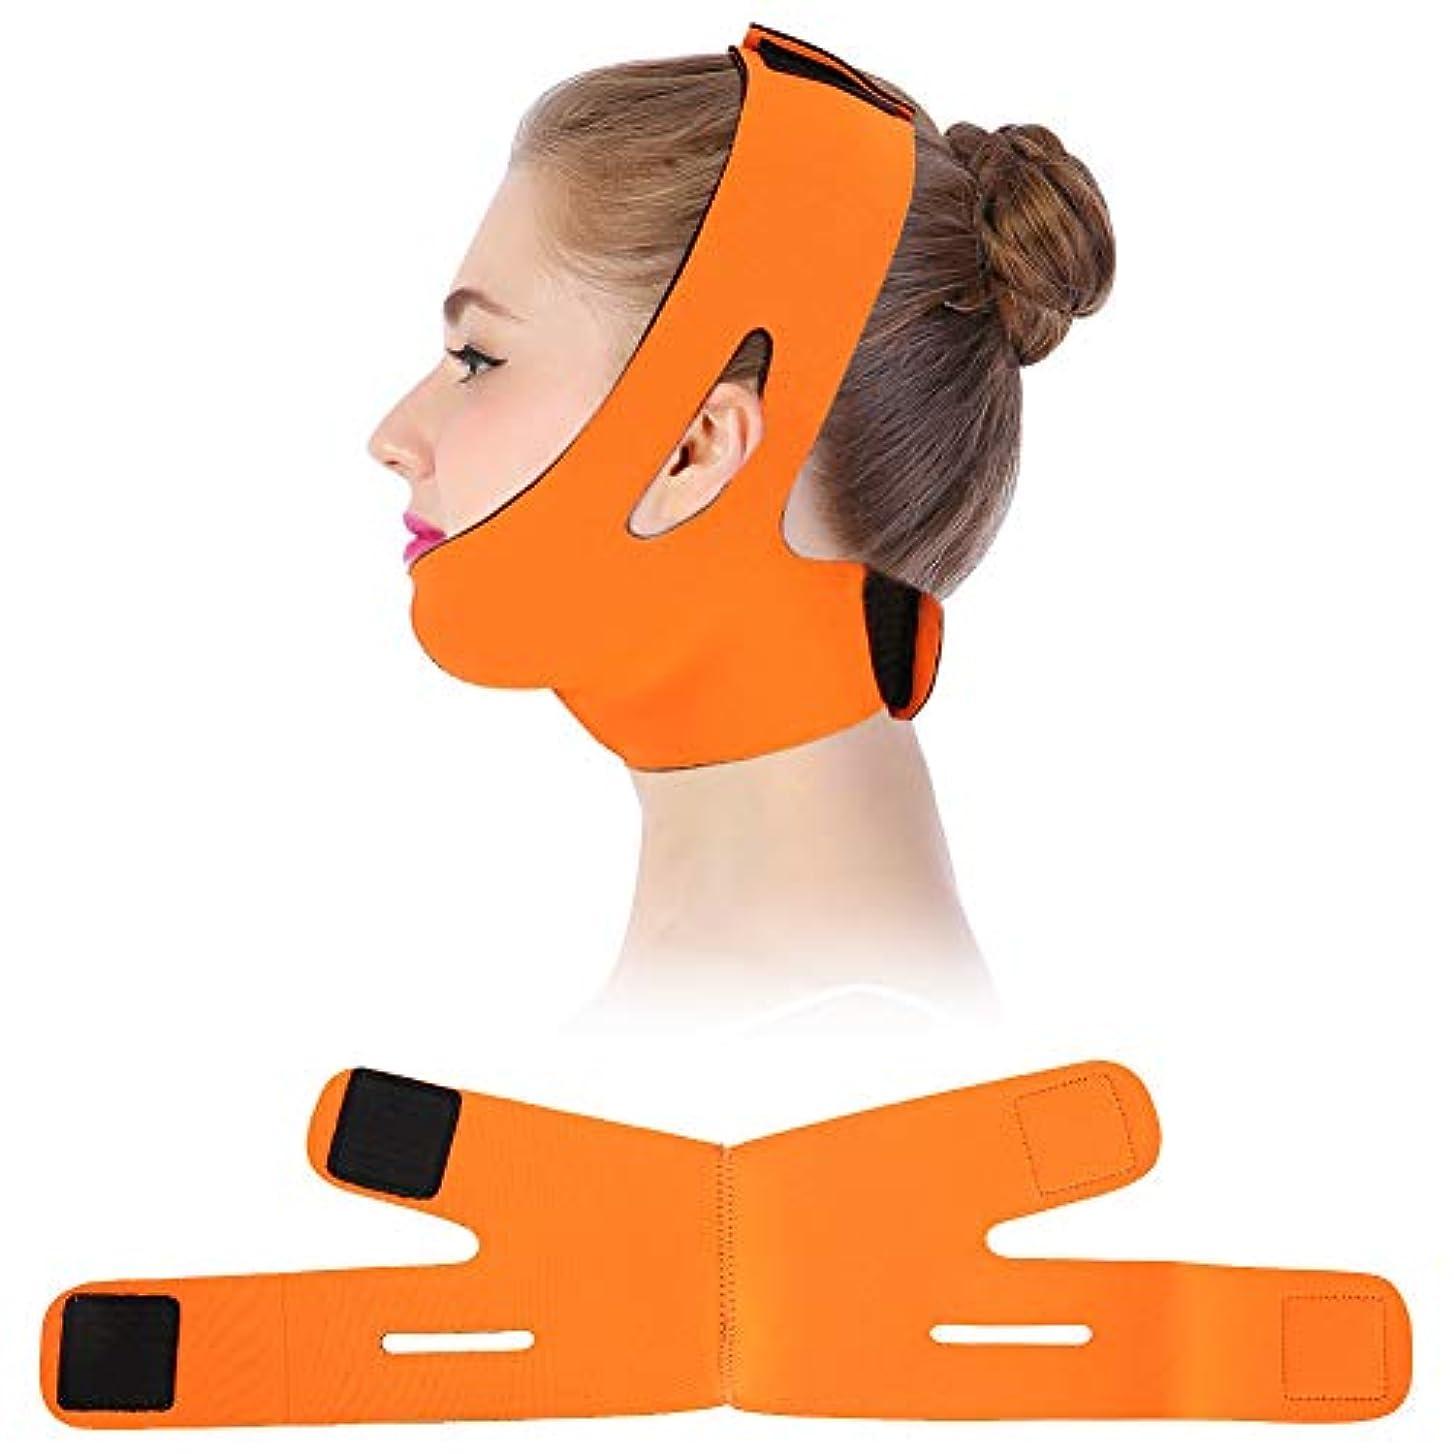 ベアリングサークル広告主相対サイズフェイスリフティングベルト,顔の痩身包帯フェイシャルスリミング包帯ベルトマスクフェイスリフトダブルチンスキンストラップ (Orange)